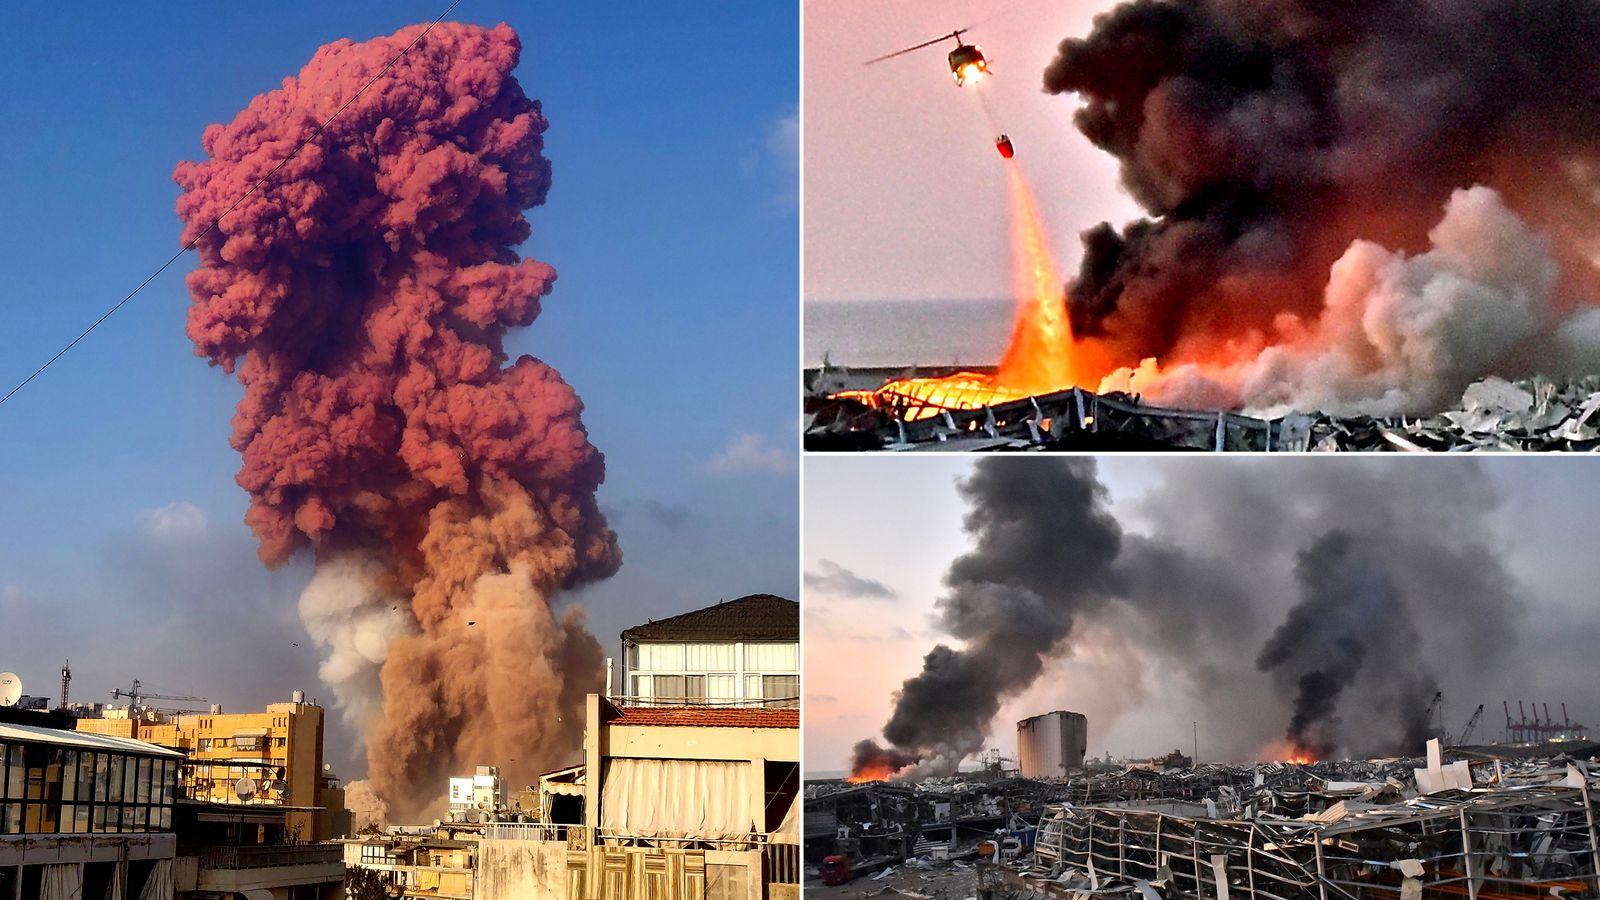 意爆破专家:贝鲁特爆炸起因不是硝酸铵 或是军用导弹